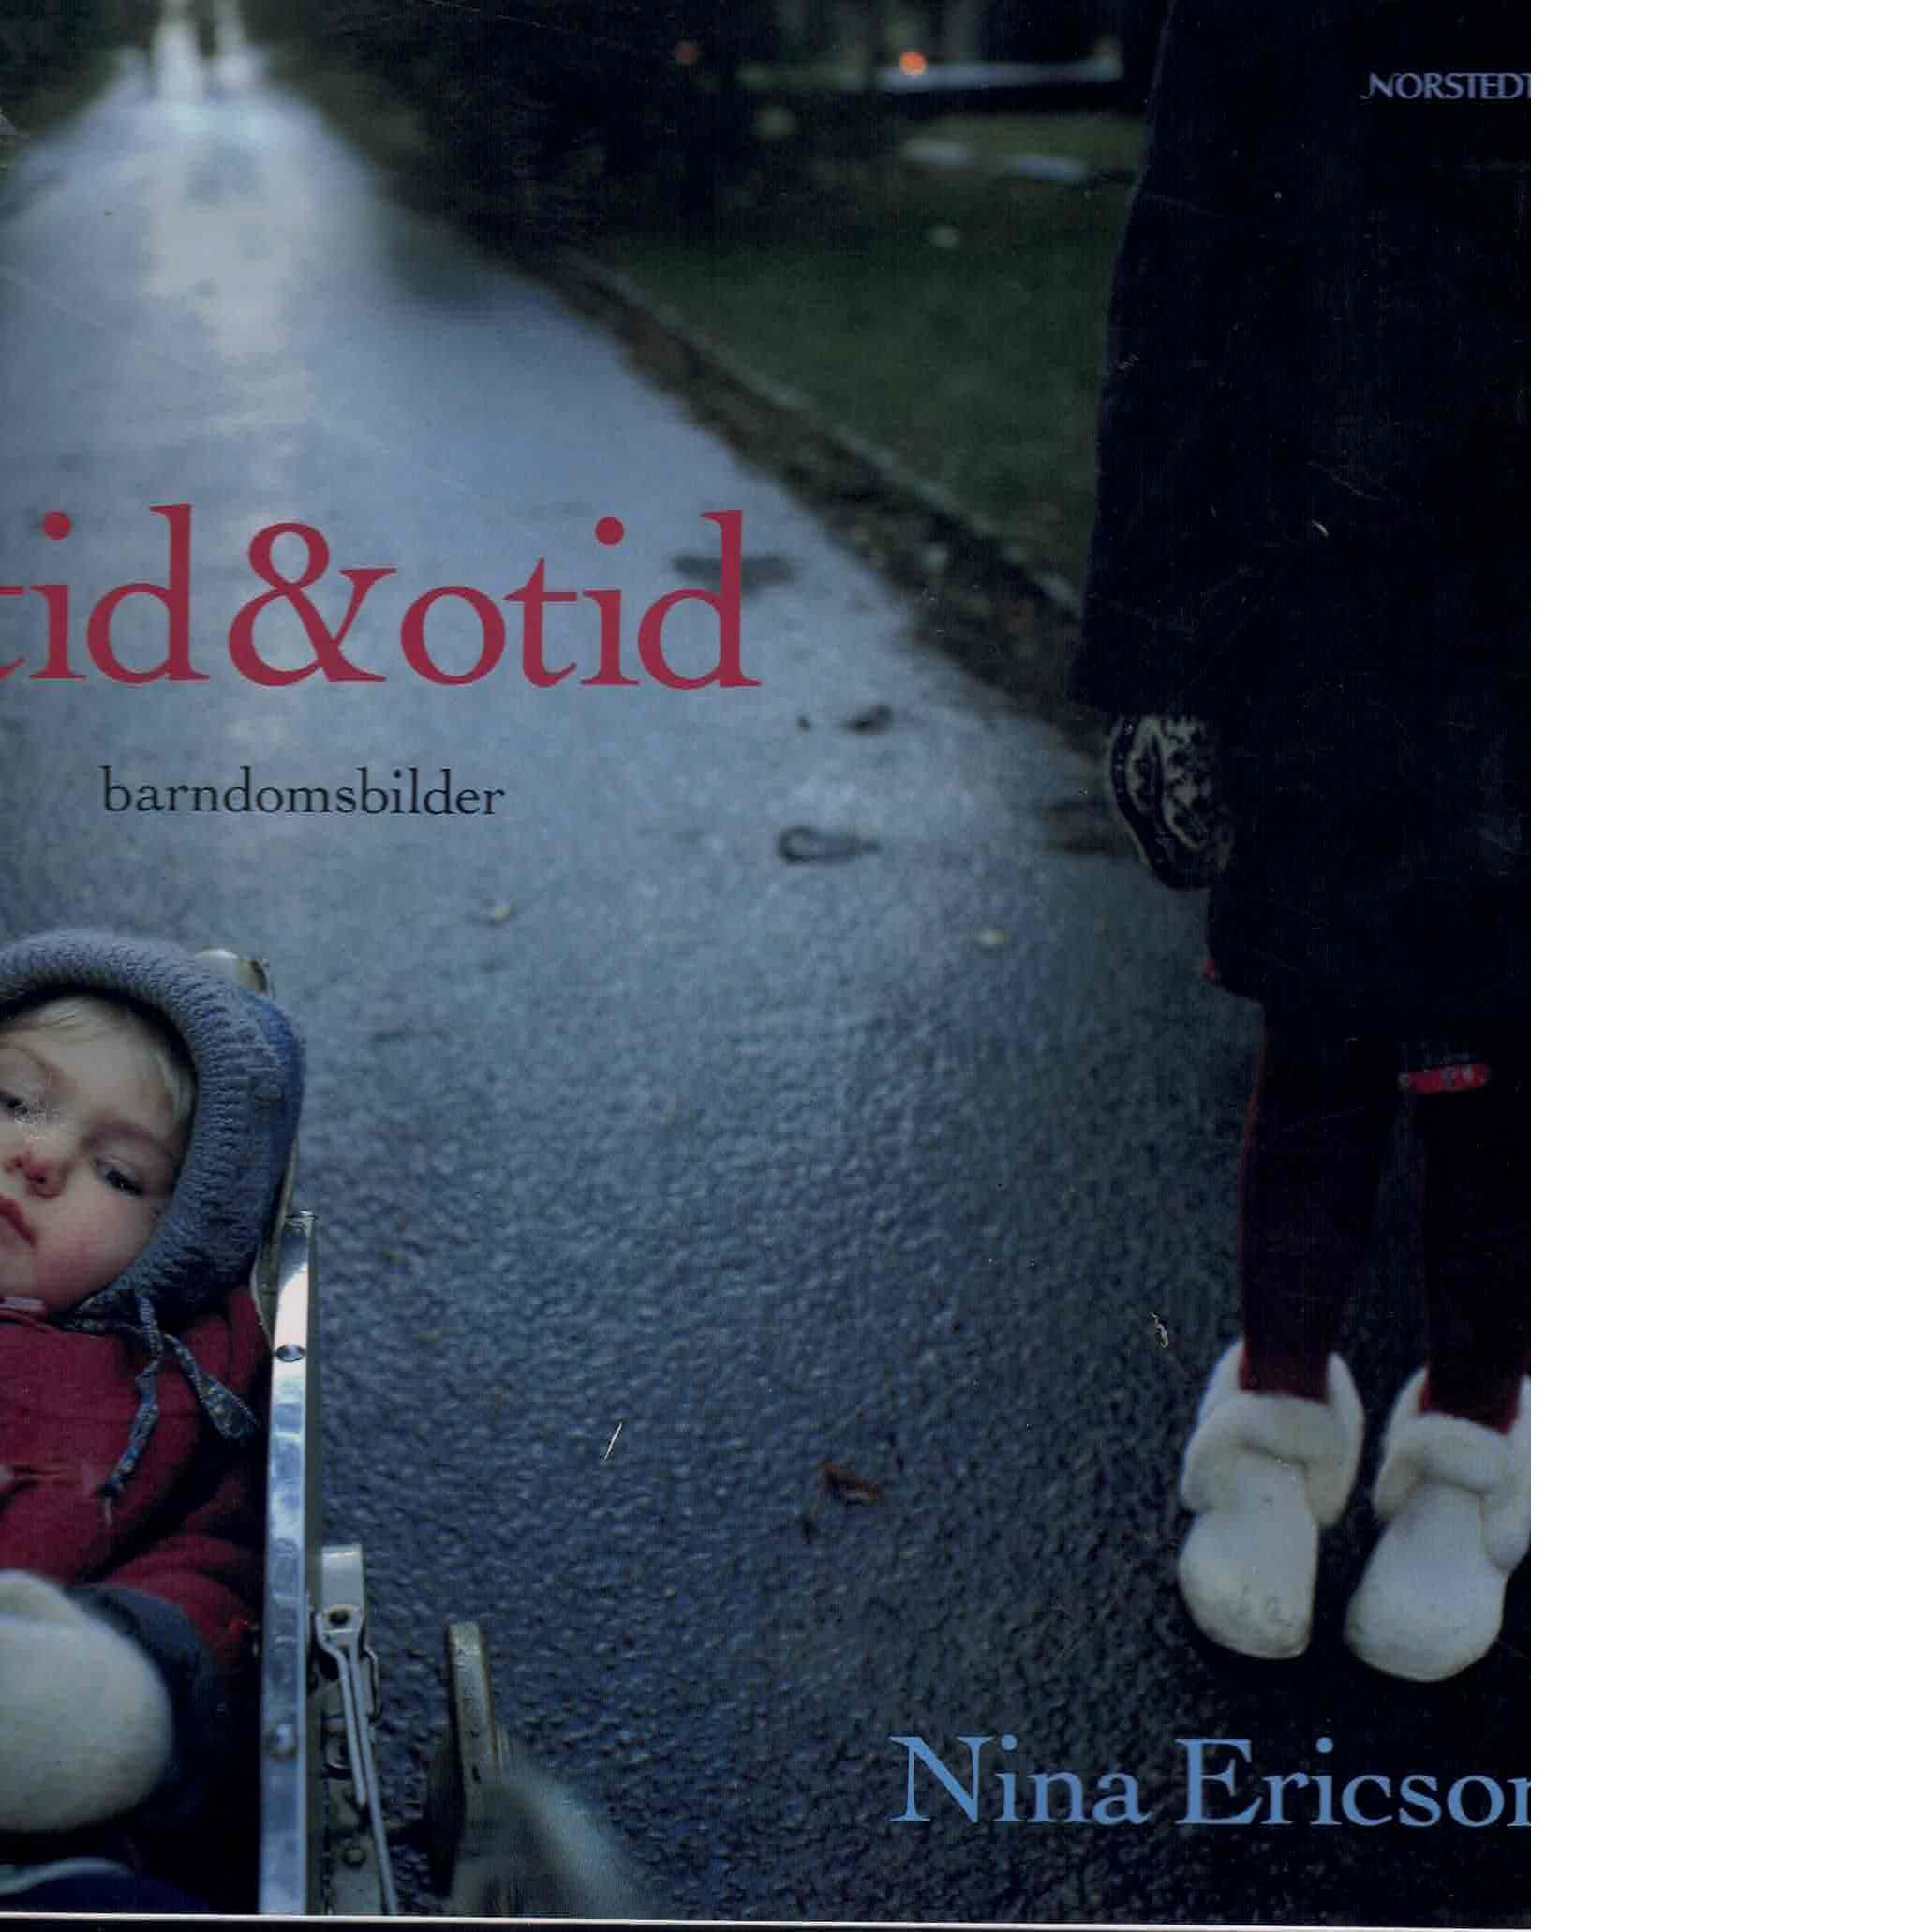 Tid & otid - Östman, Nina